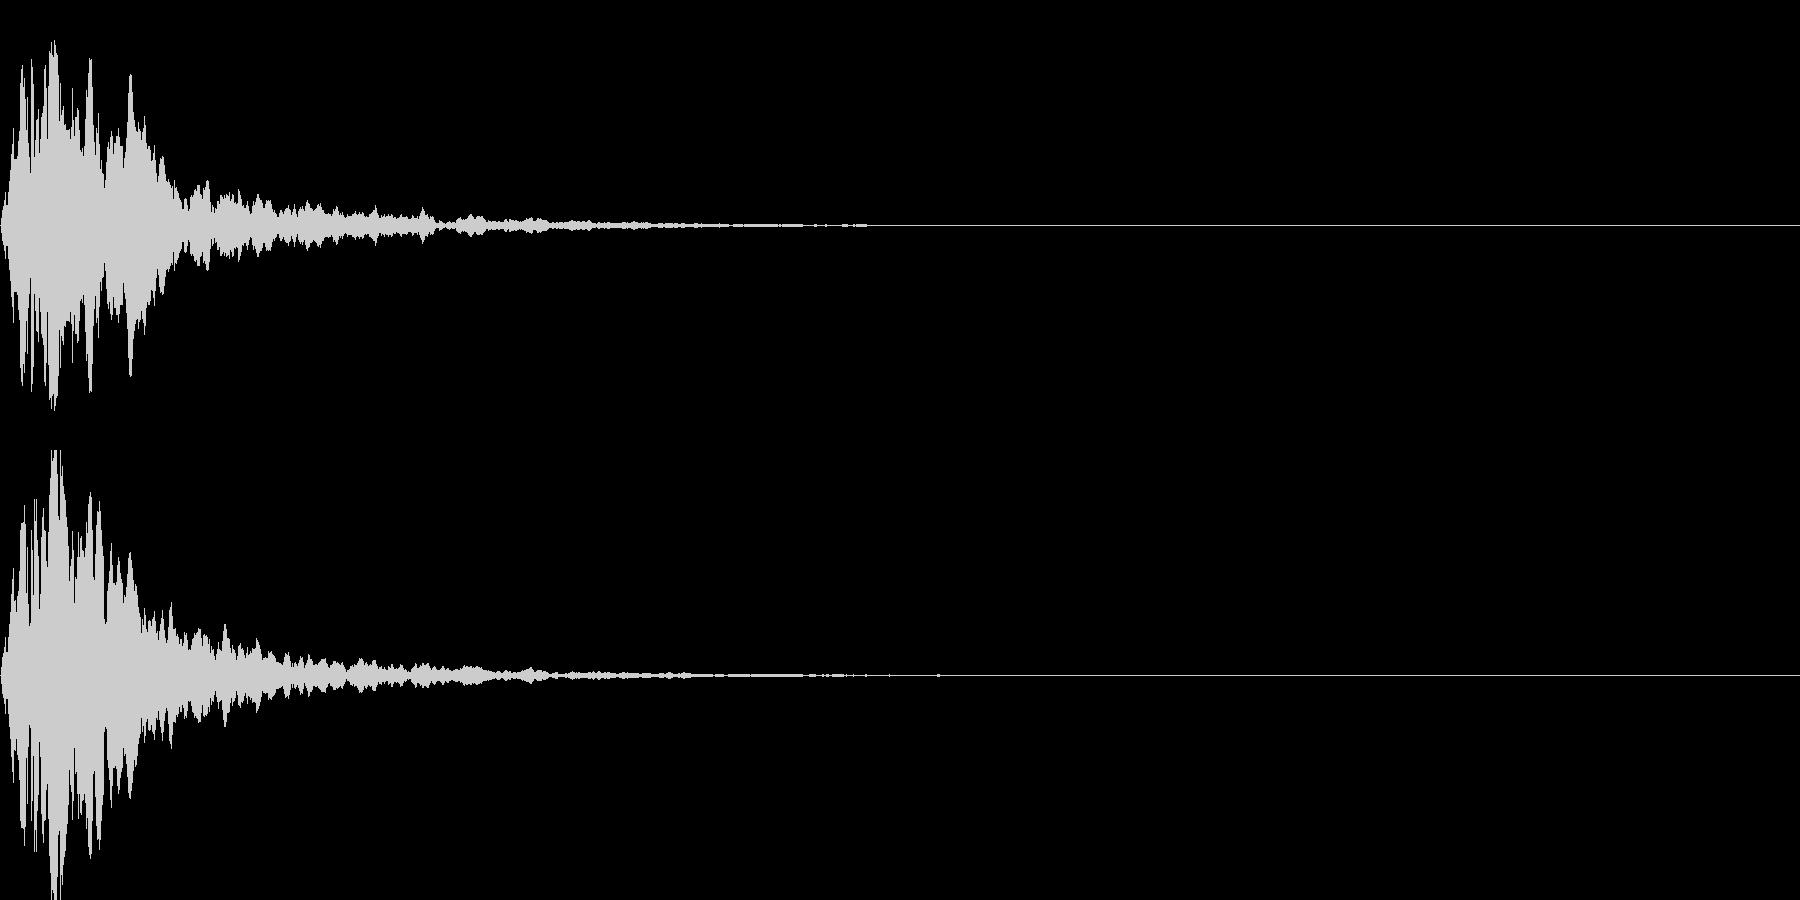 キャンセル音07の未再生の波形